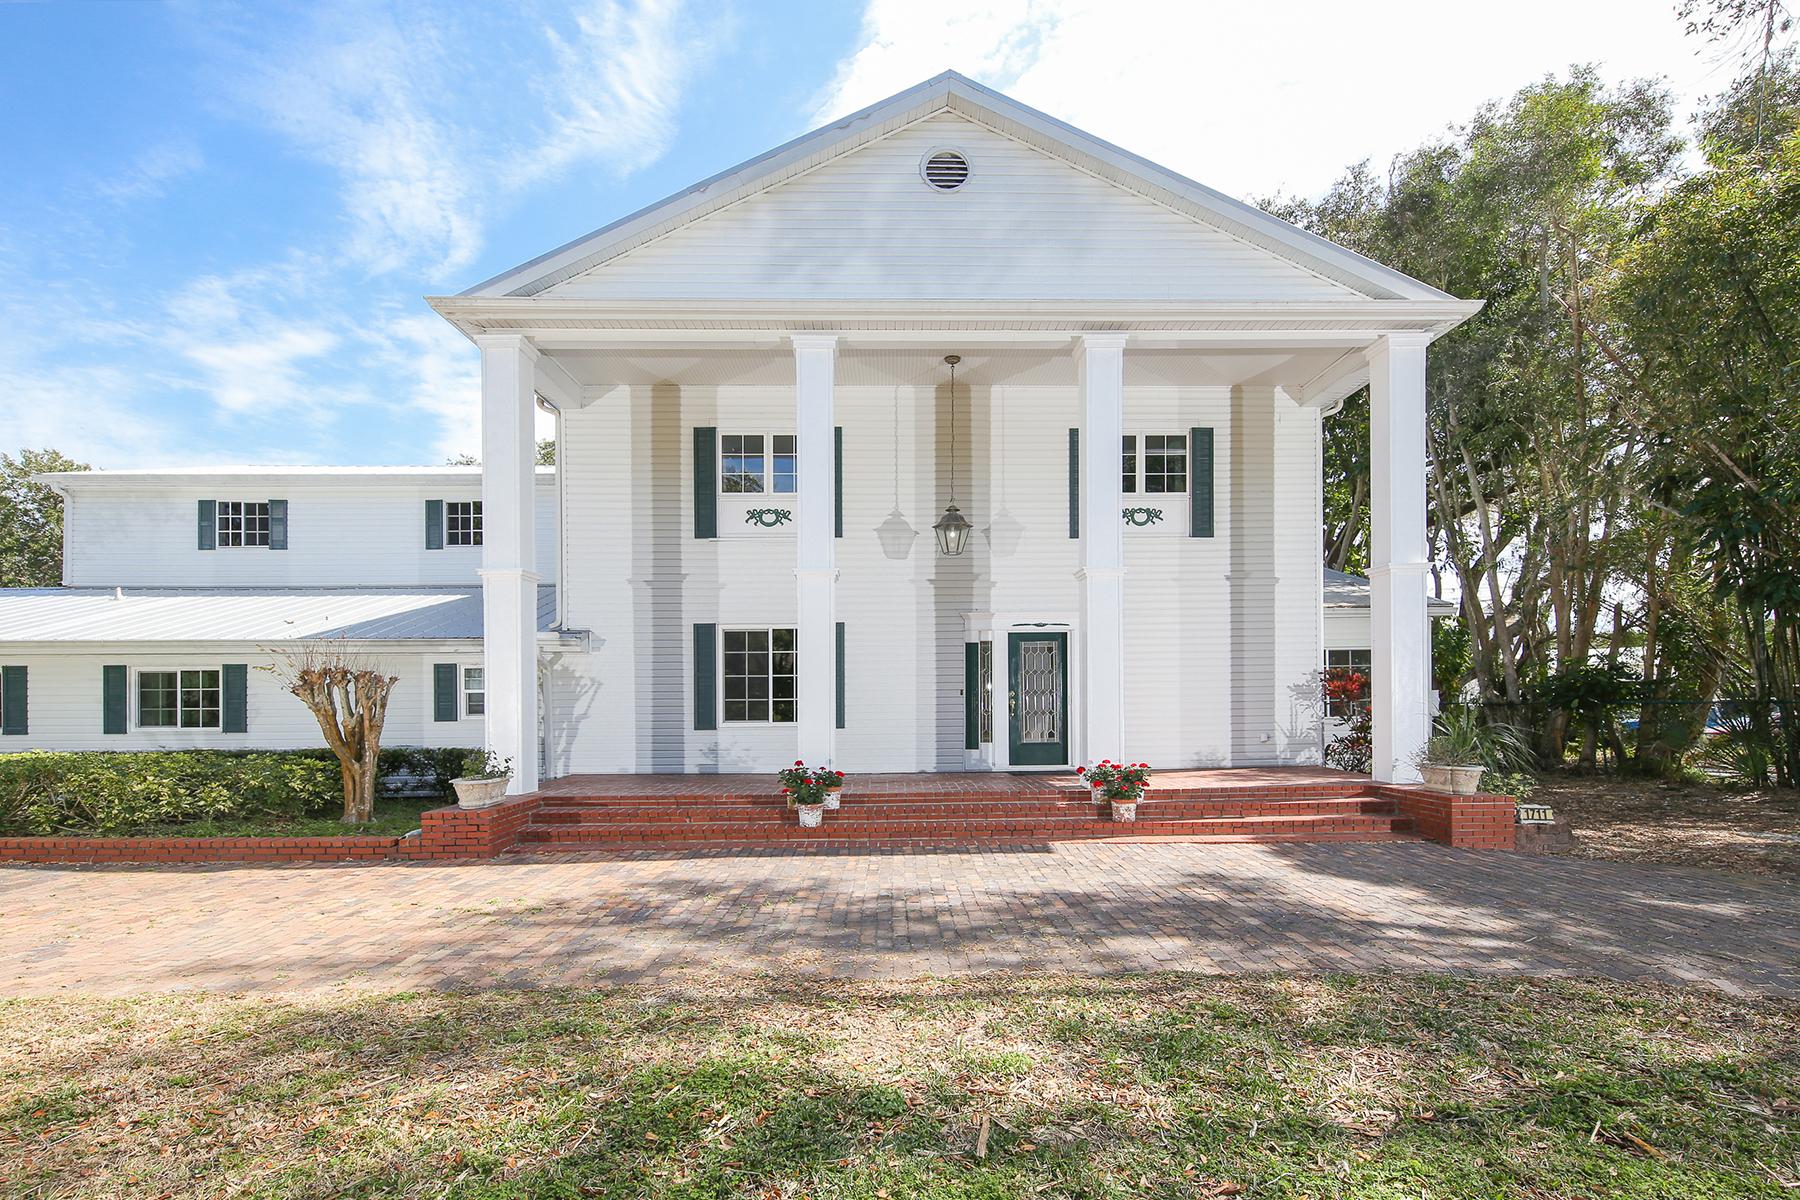 Casa Unifamiliar por un Venta en MANATEE RIVER 1711 71st St NW Bradenton, Florida, 34209 Estados Unidos